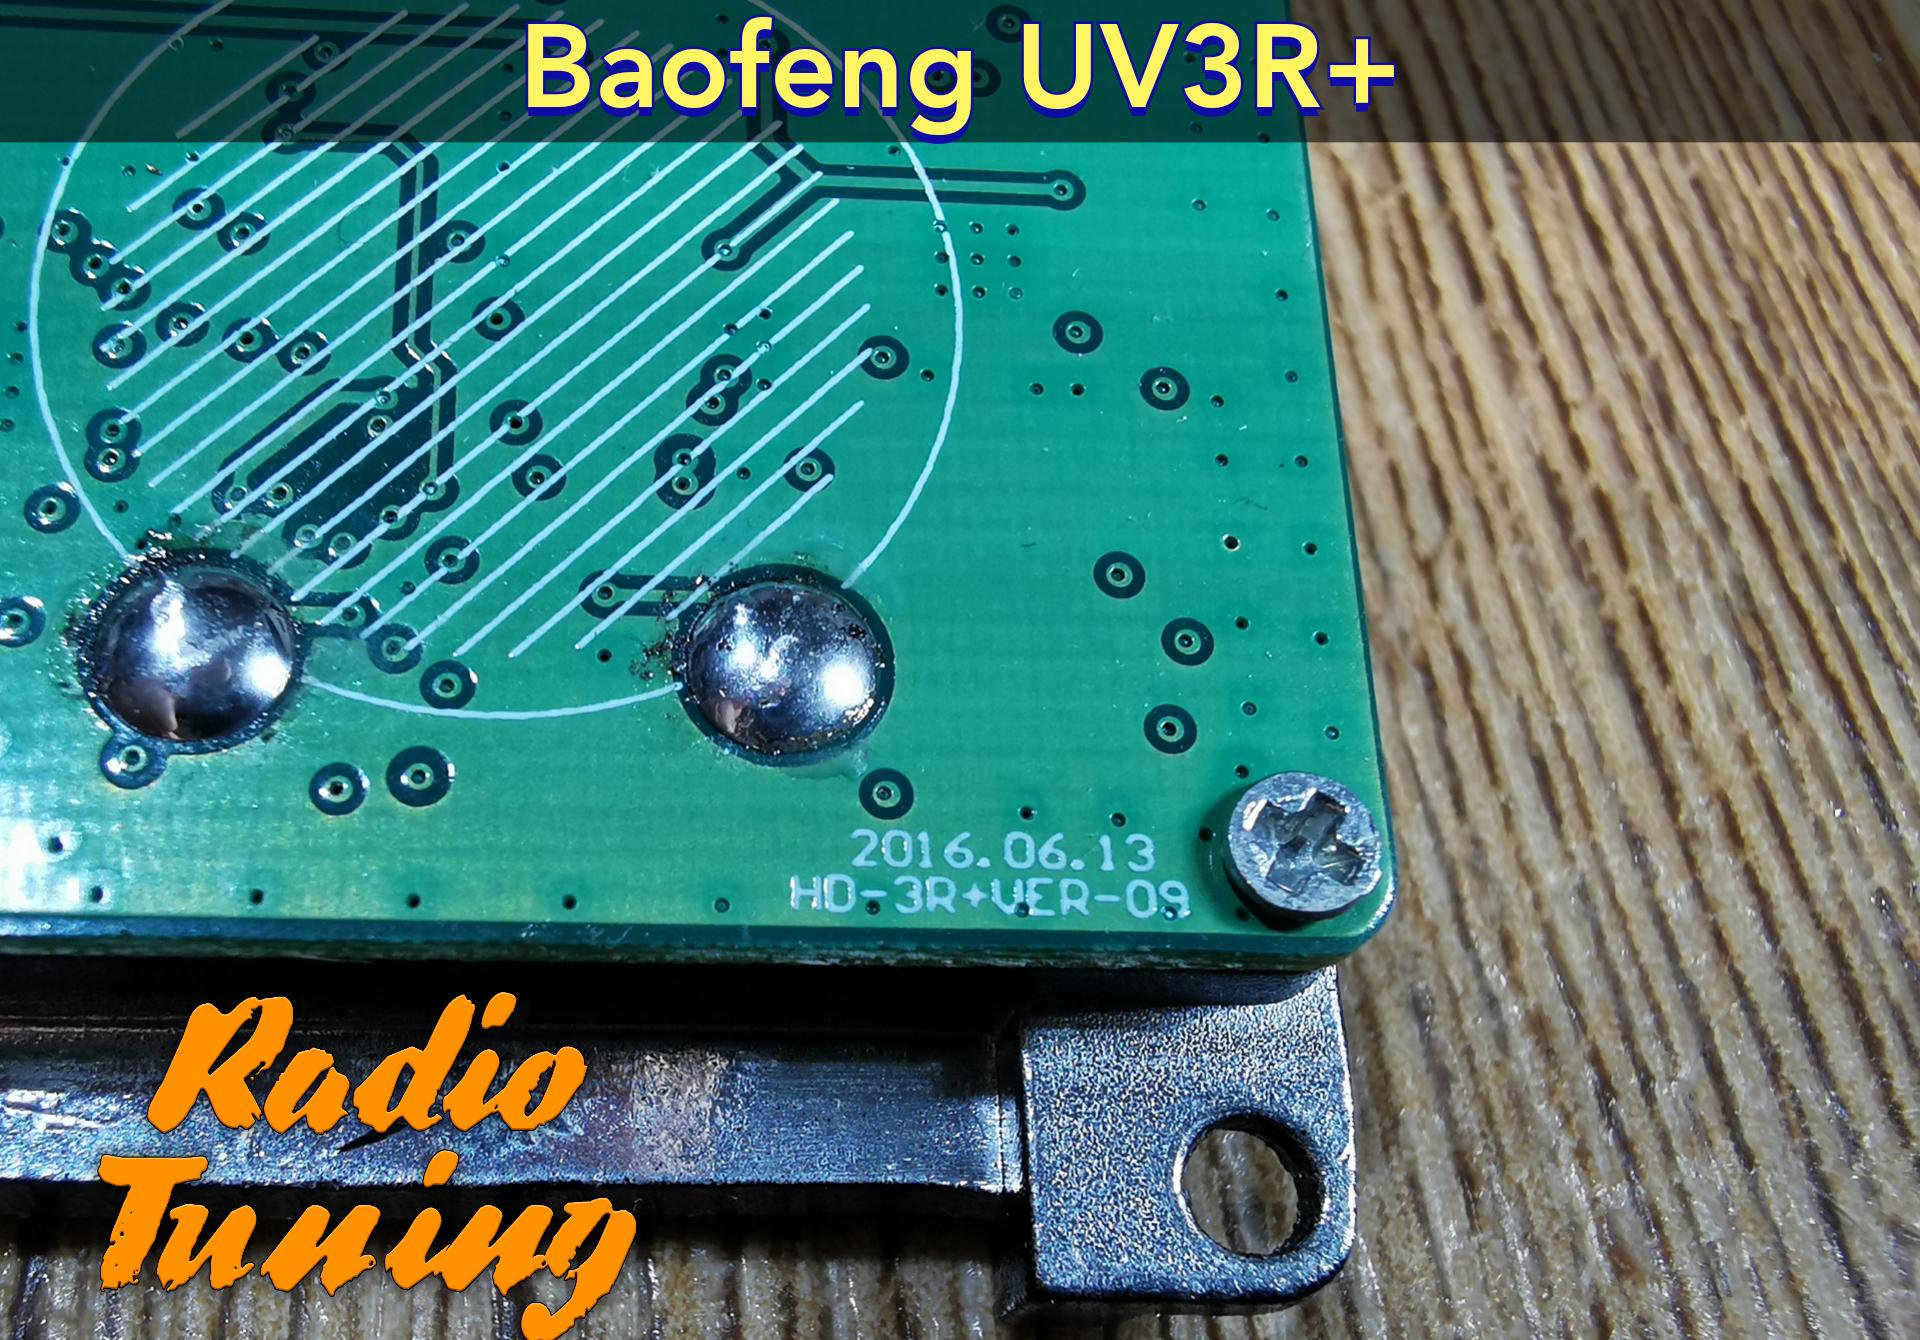 baofeng uv3r+